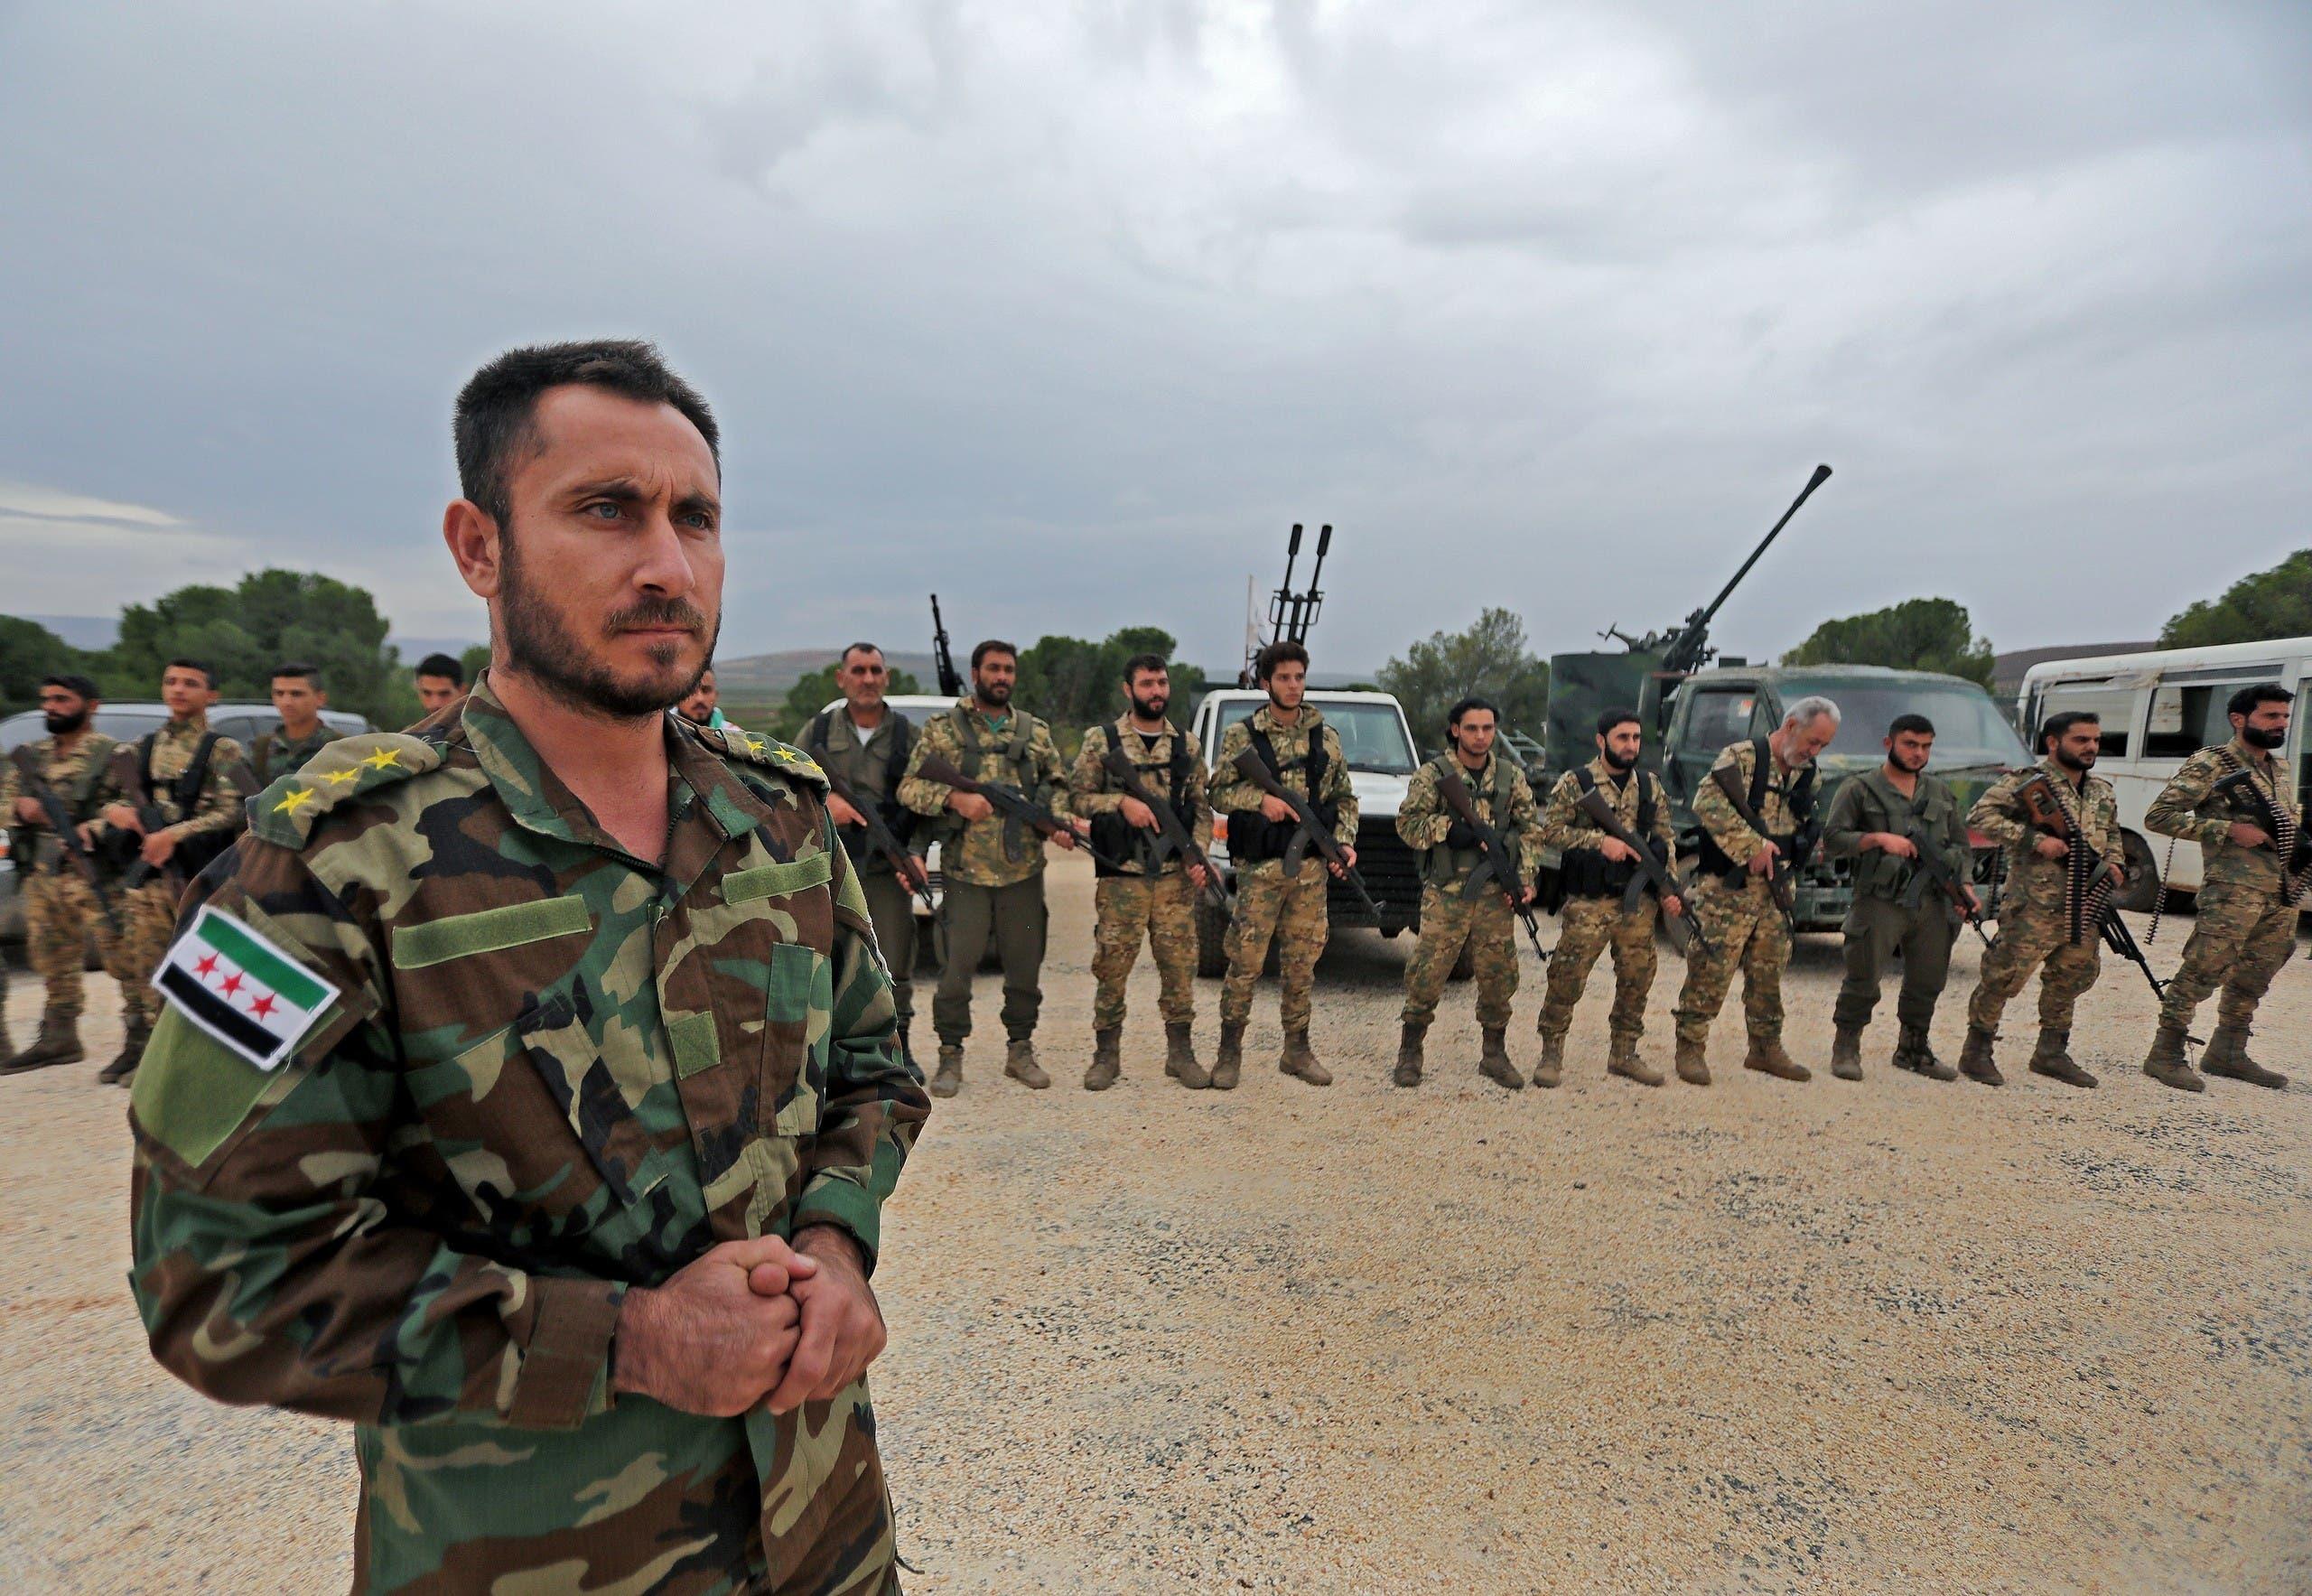 مقاتلون مولون لتركيا في سوريا (أرشيفية)